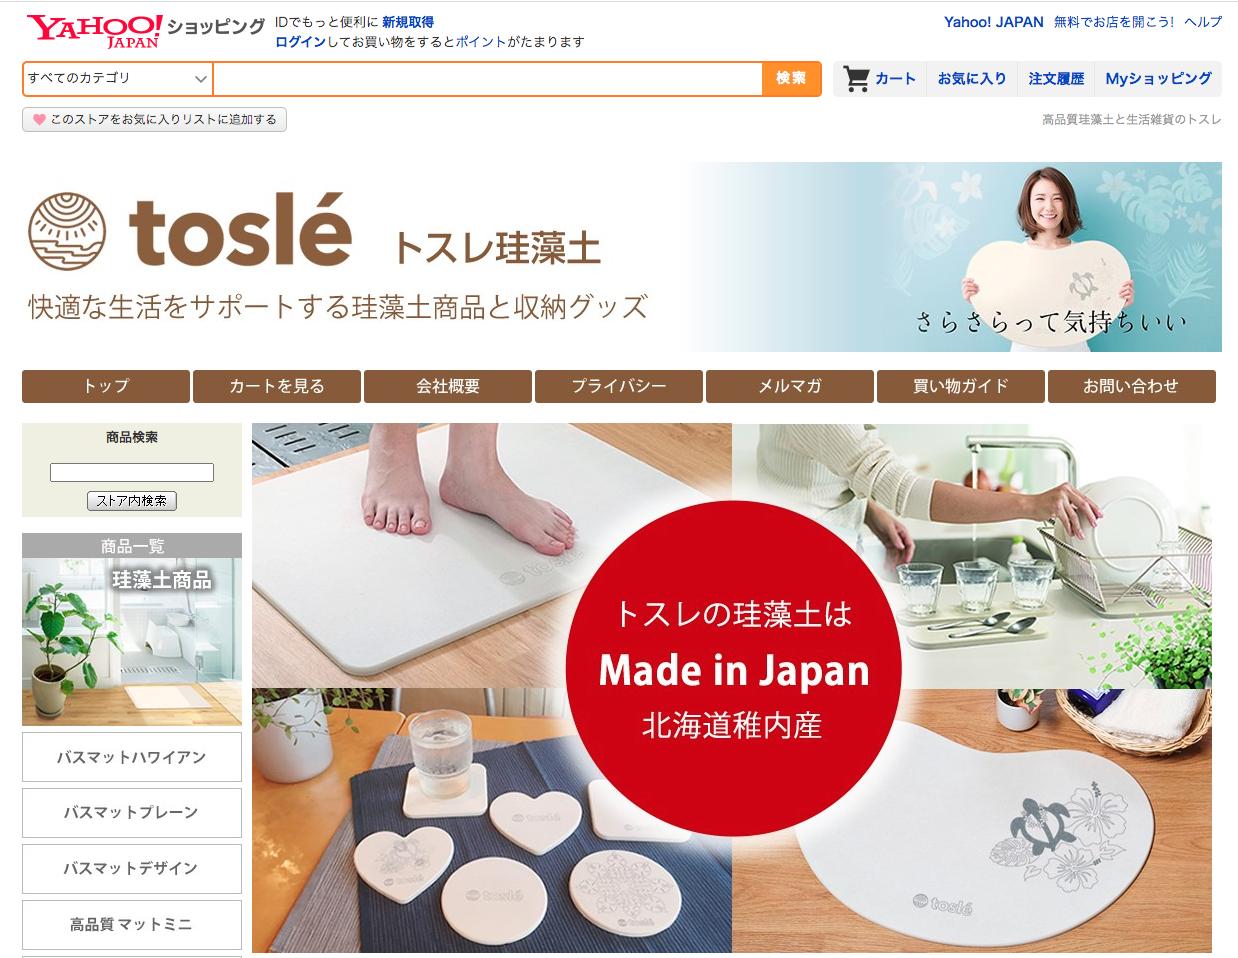 トスレのYahoo!ショッピングサイト